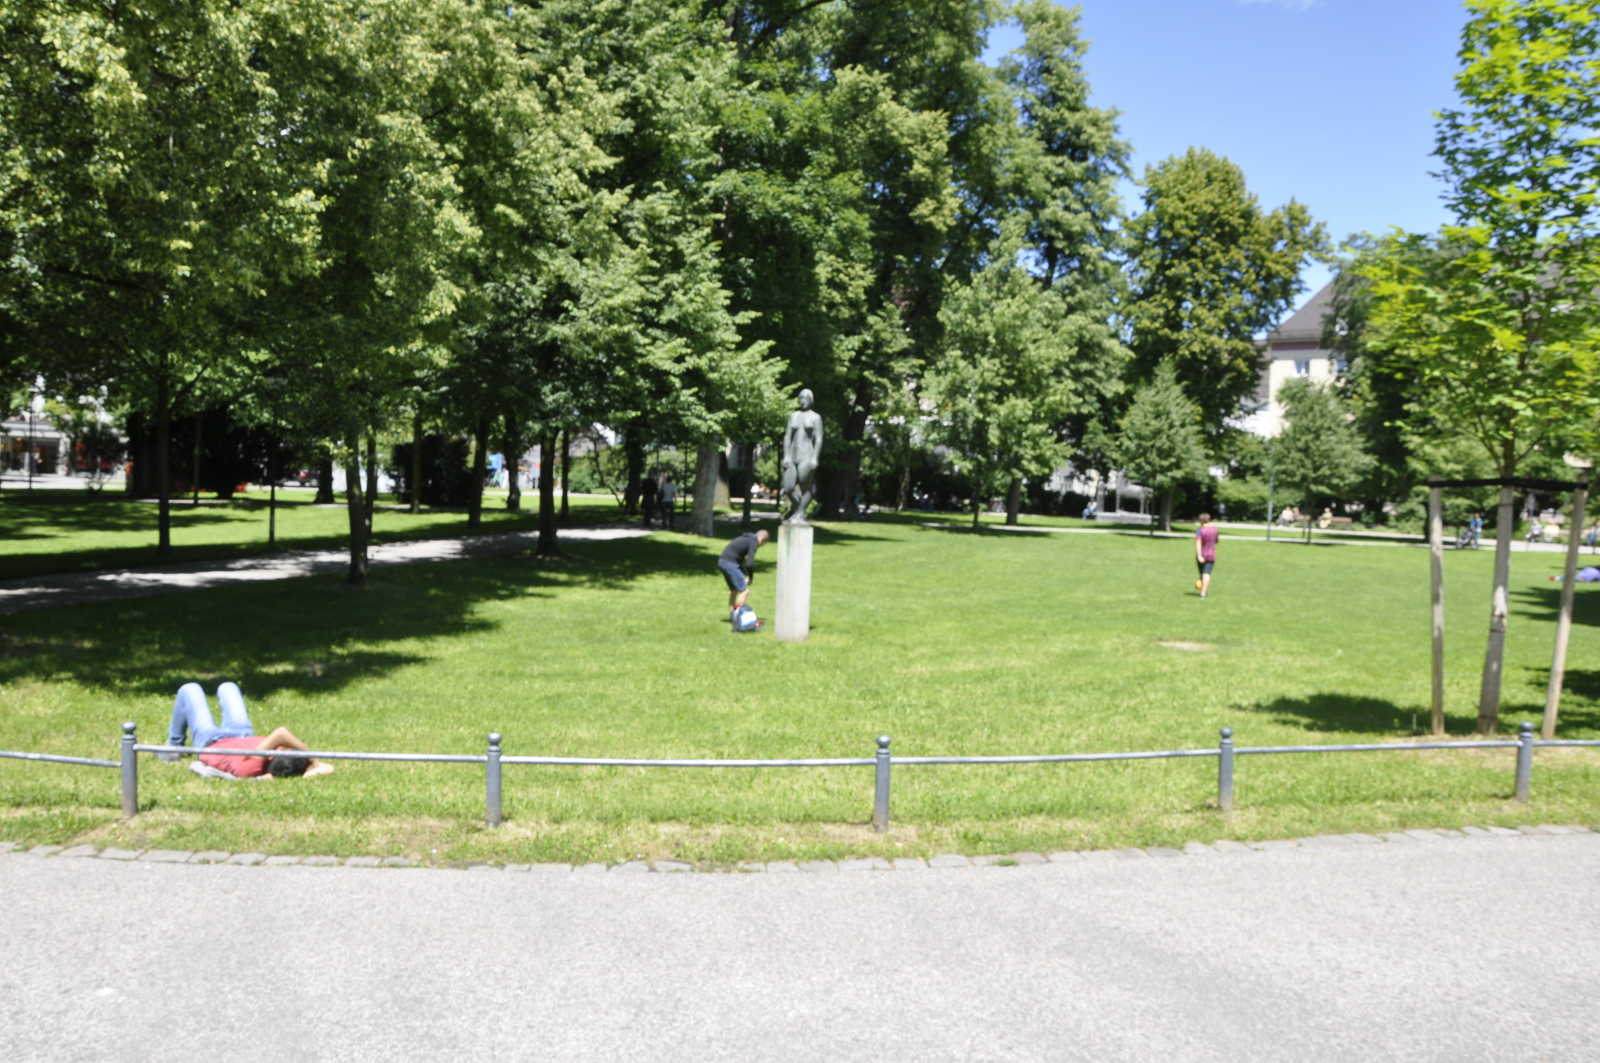 Impressionen aus dem Salingarten in Rosenheim.